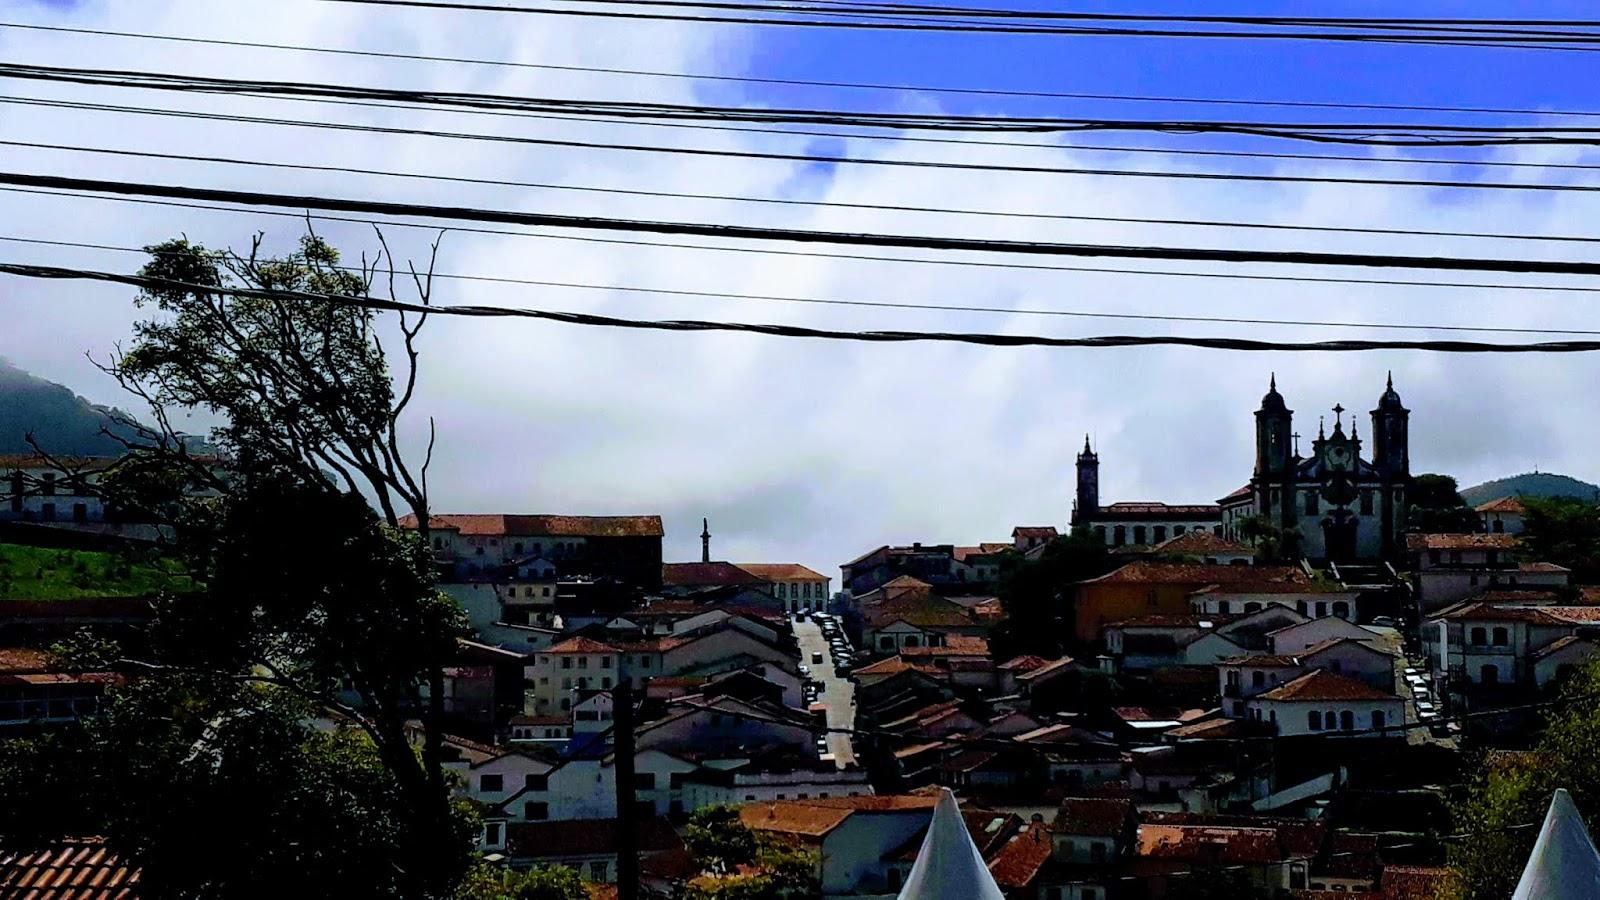 Vista para a cidade de Ouro Preto a partir da Igreja de São José